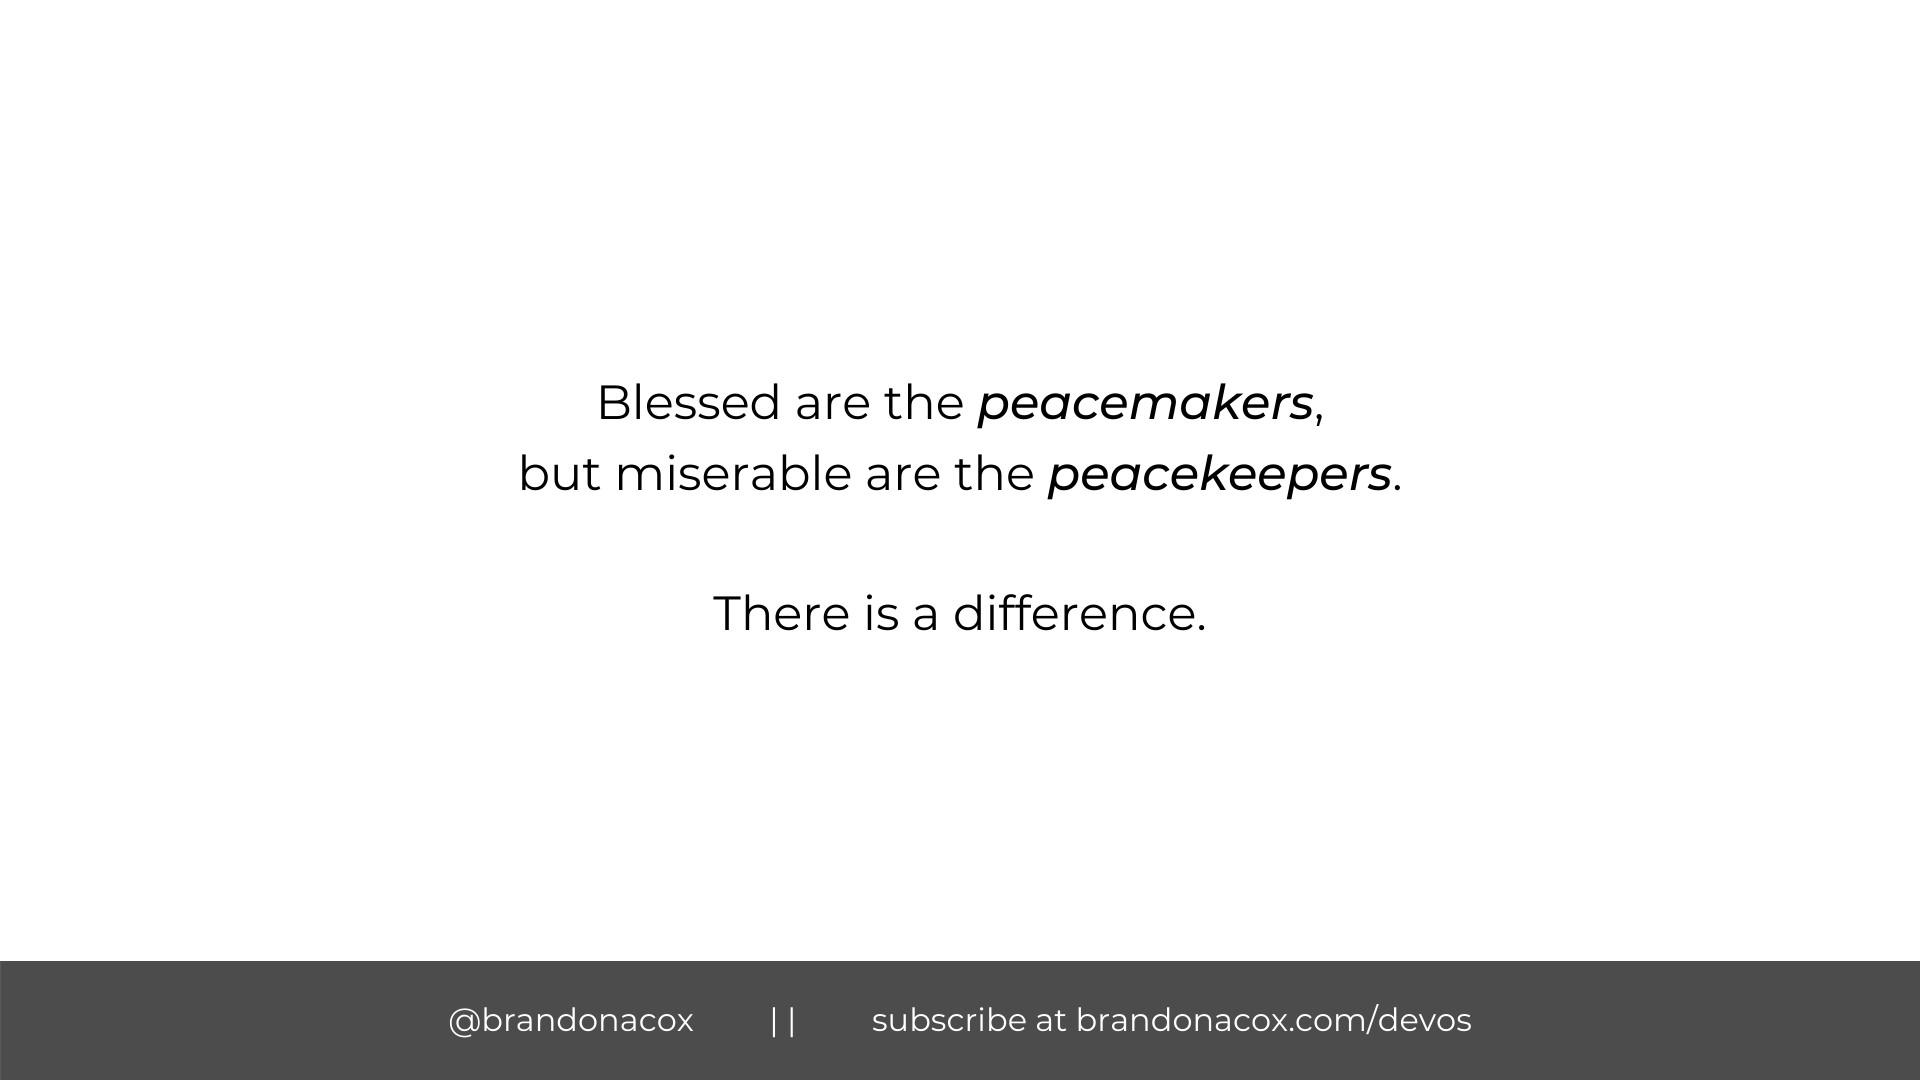 Peacemakers Peacekeepers